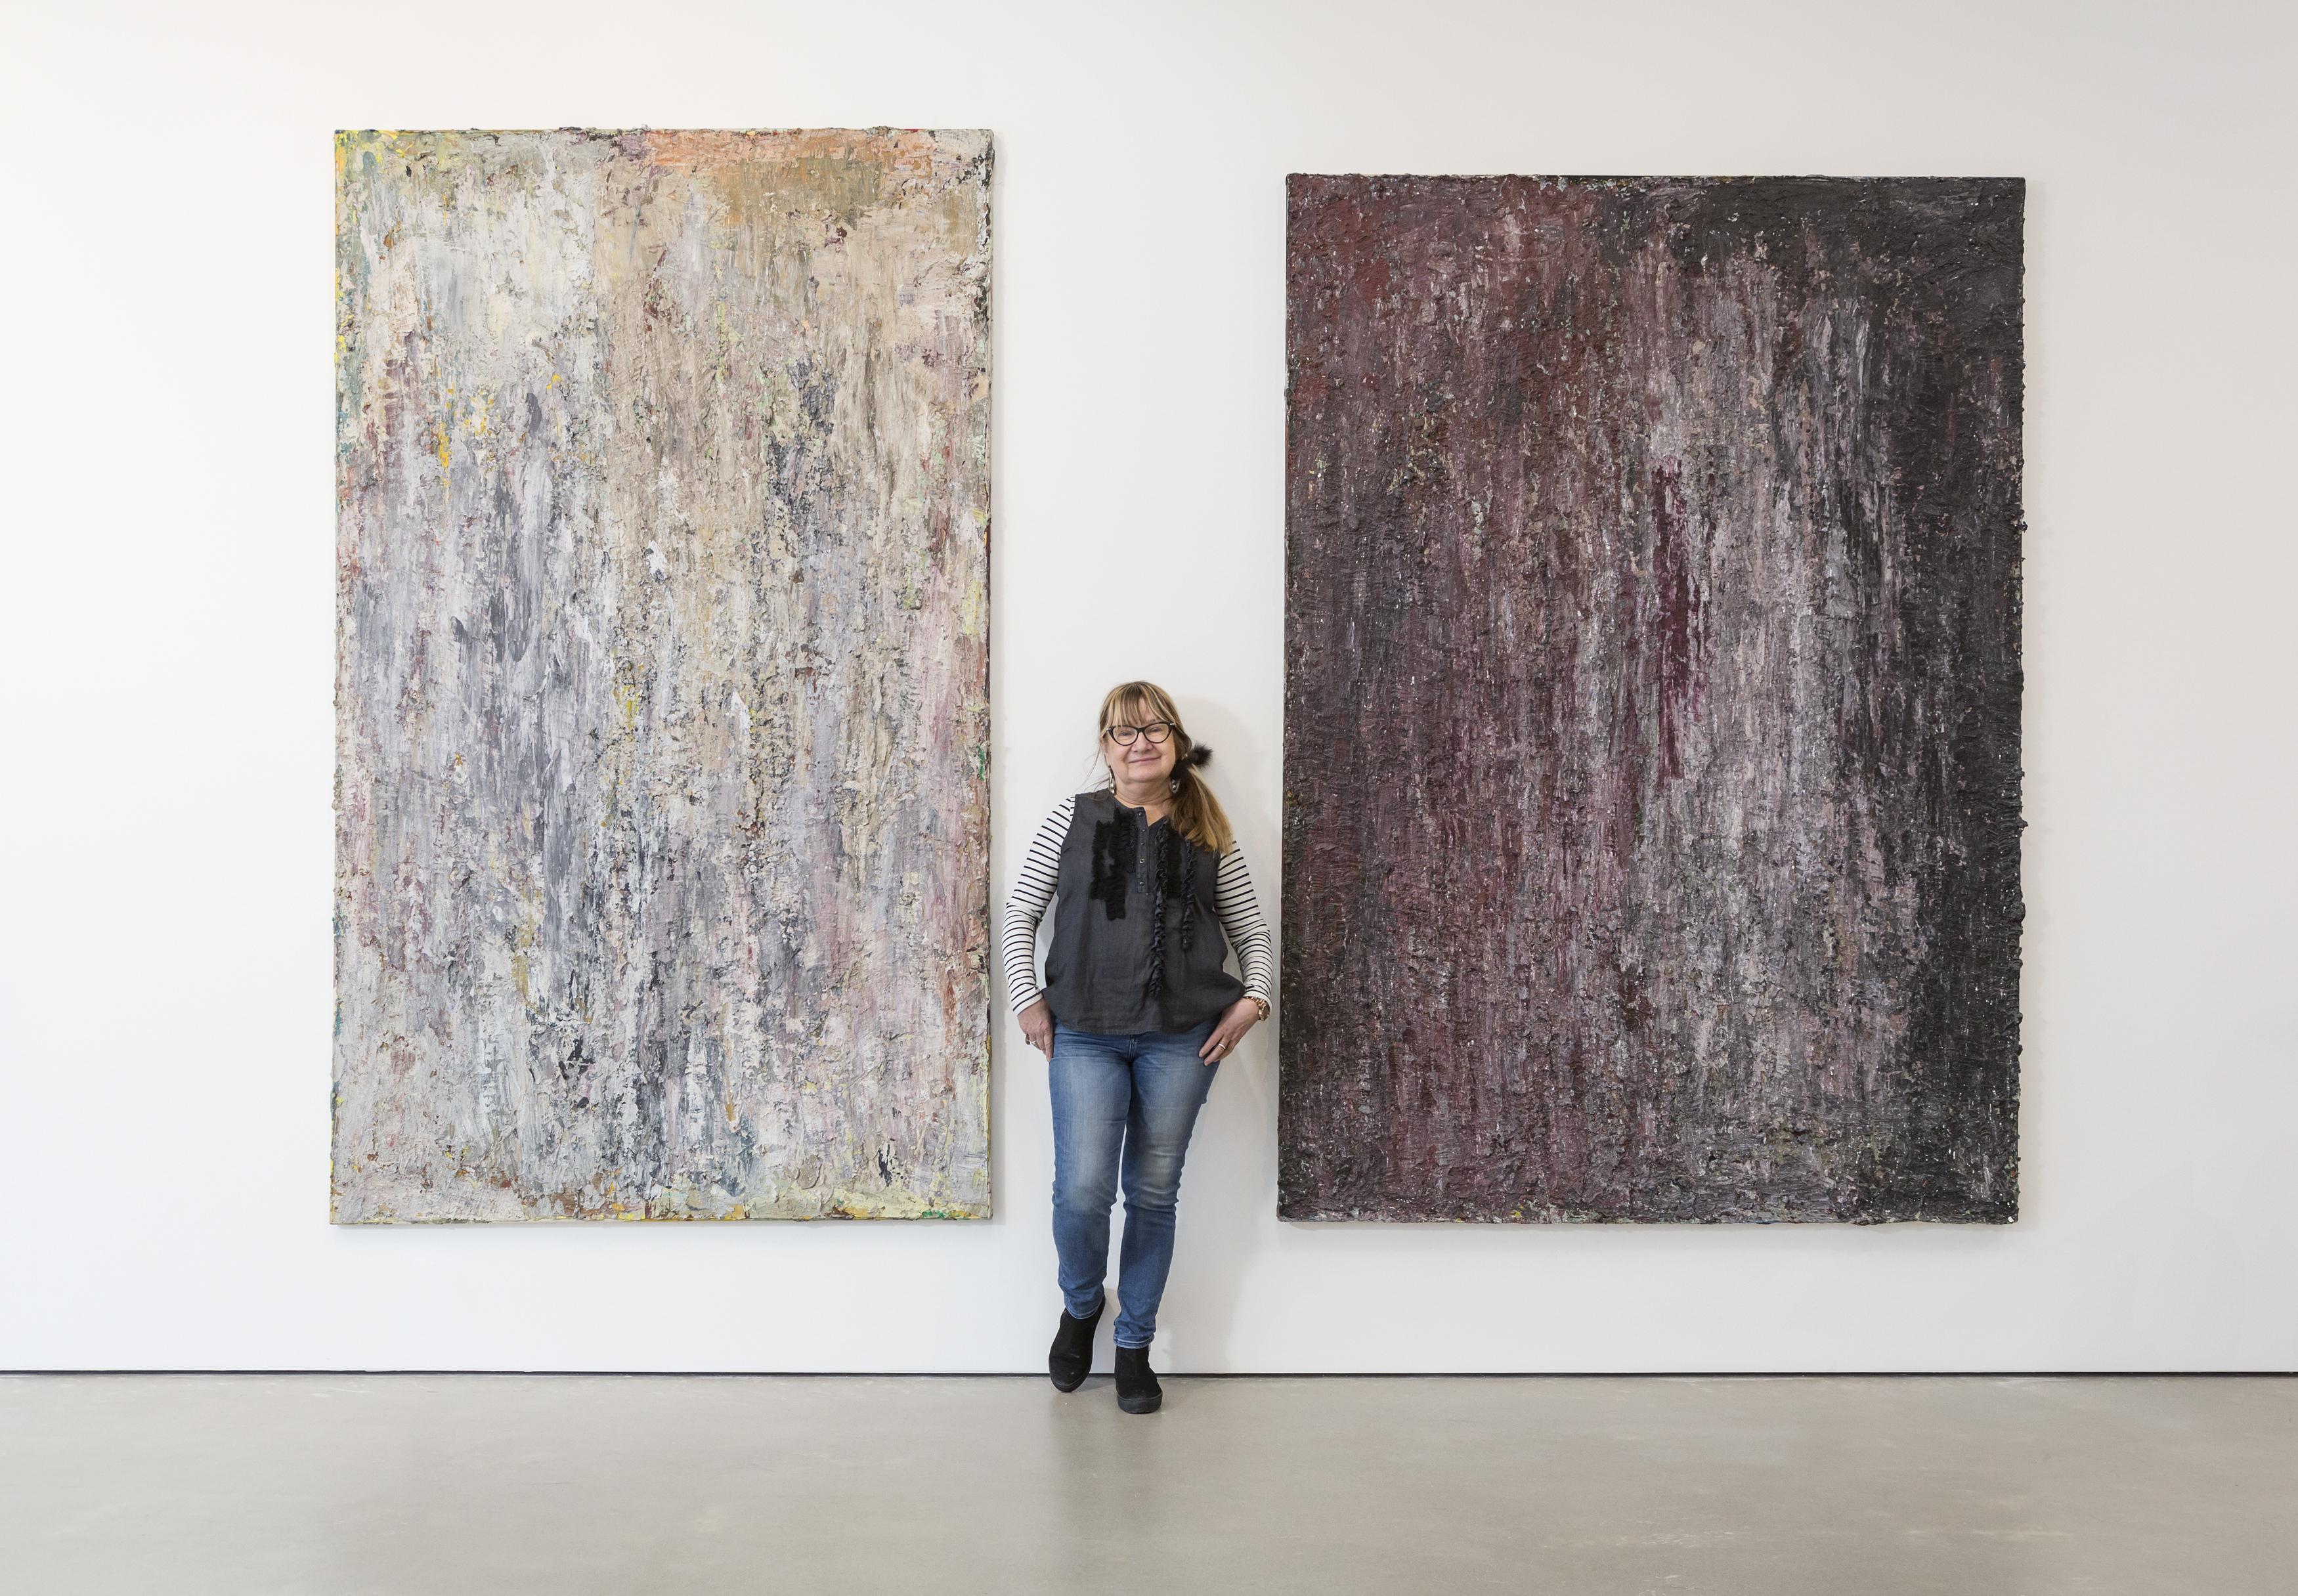 Raili Tangin näyttely Ilolla ja intohimolla nähtiin Kimmo Pyykkö -taidemuseossa vuonna 2016.